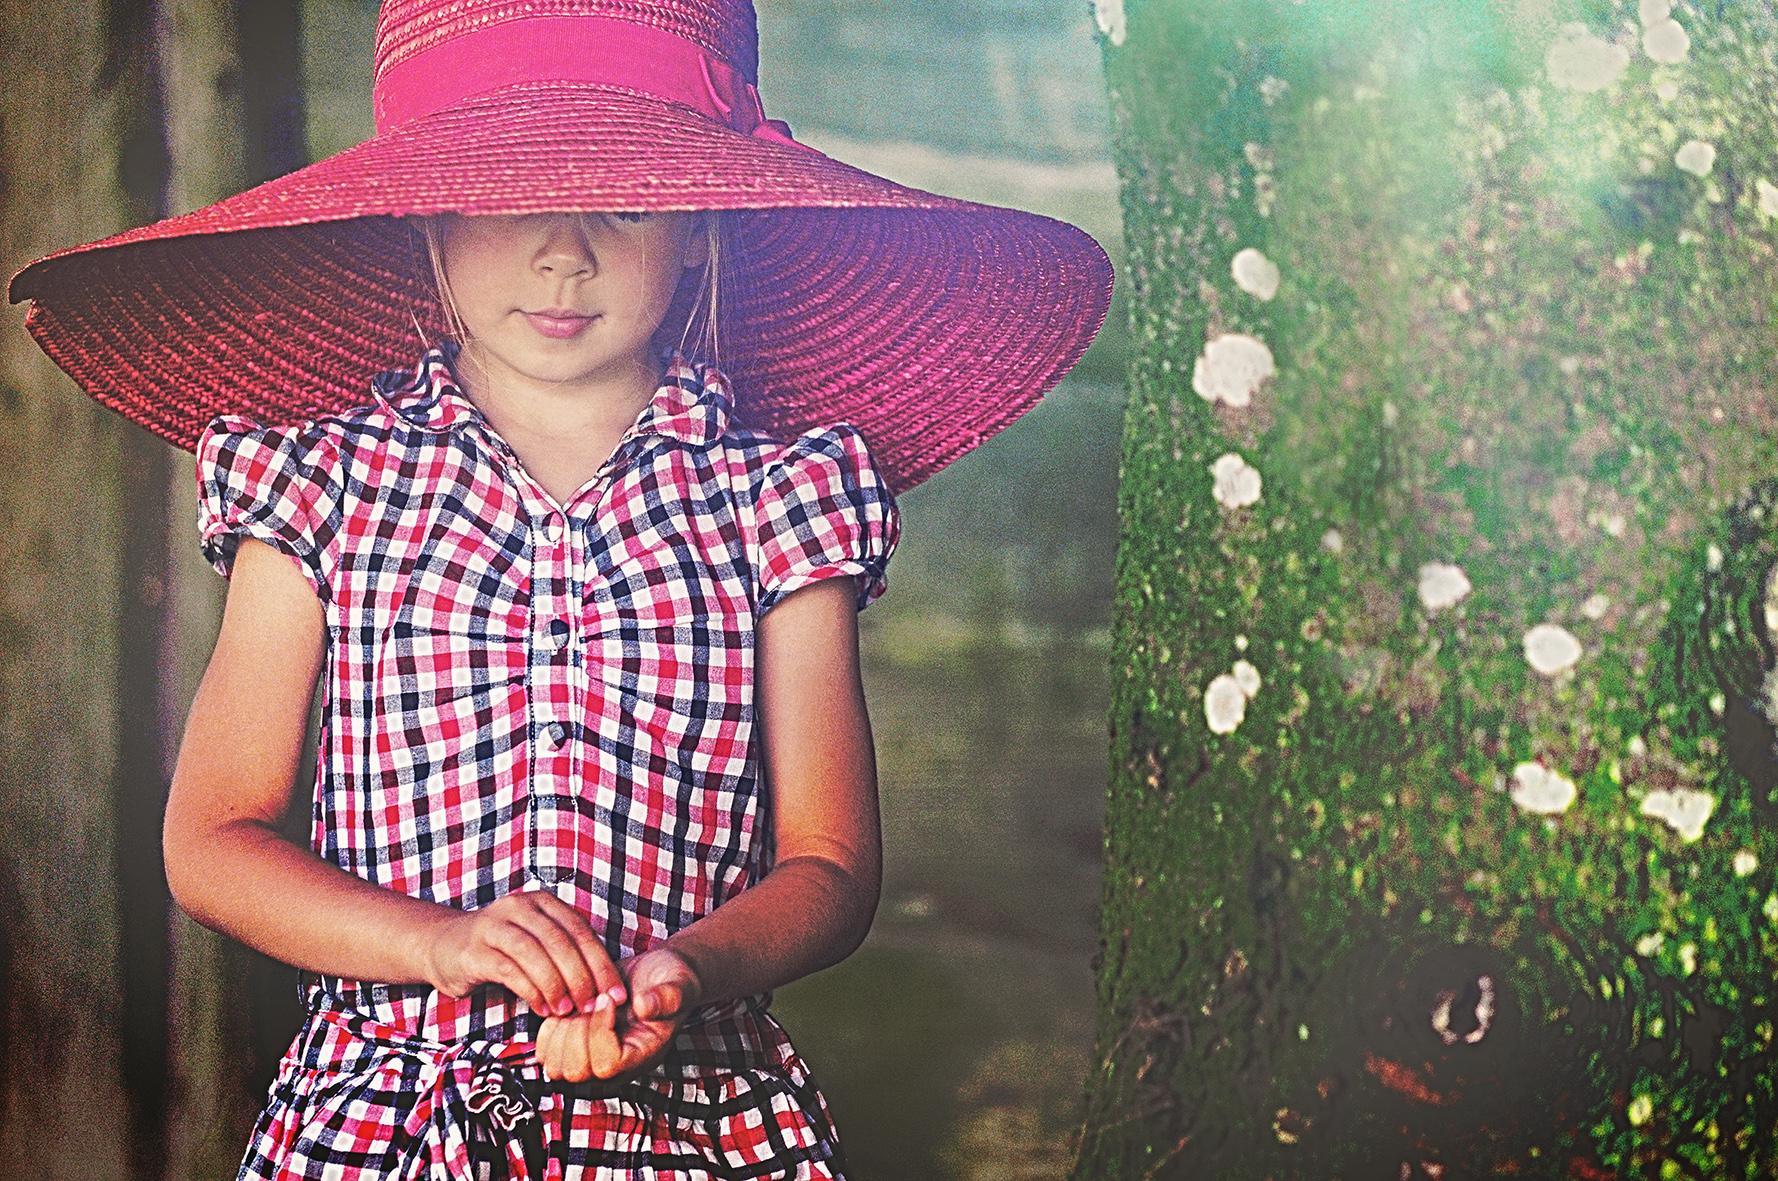 vaiku portretai fotosesija